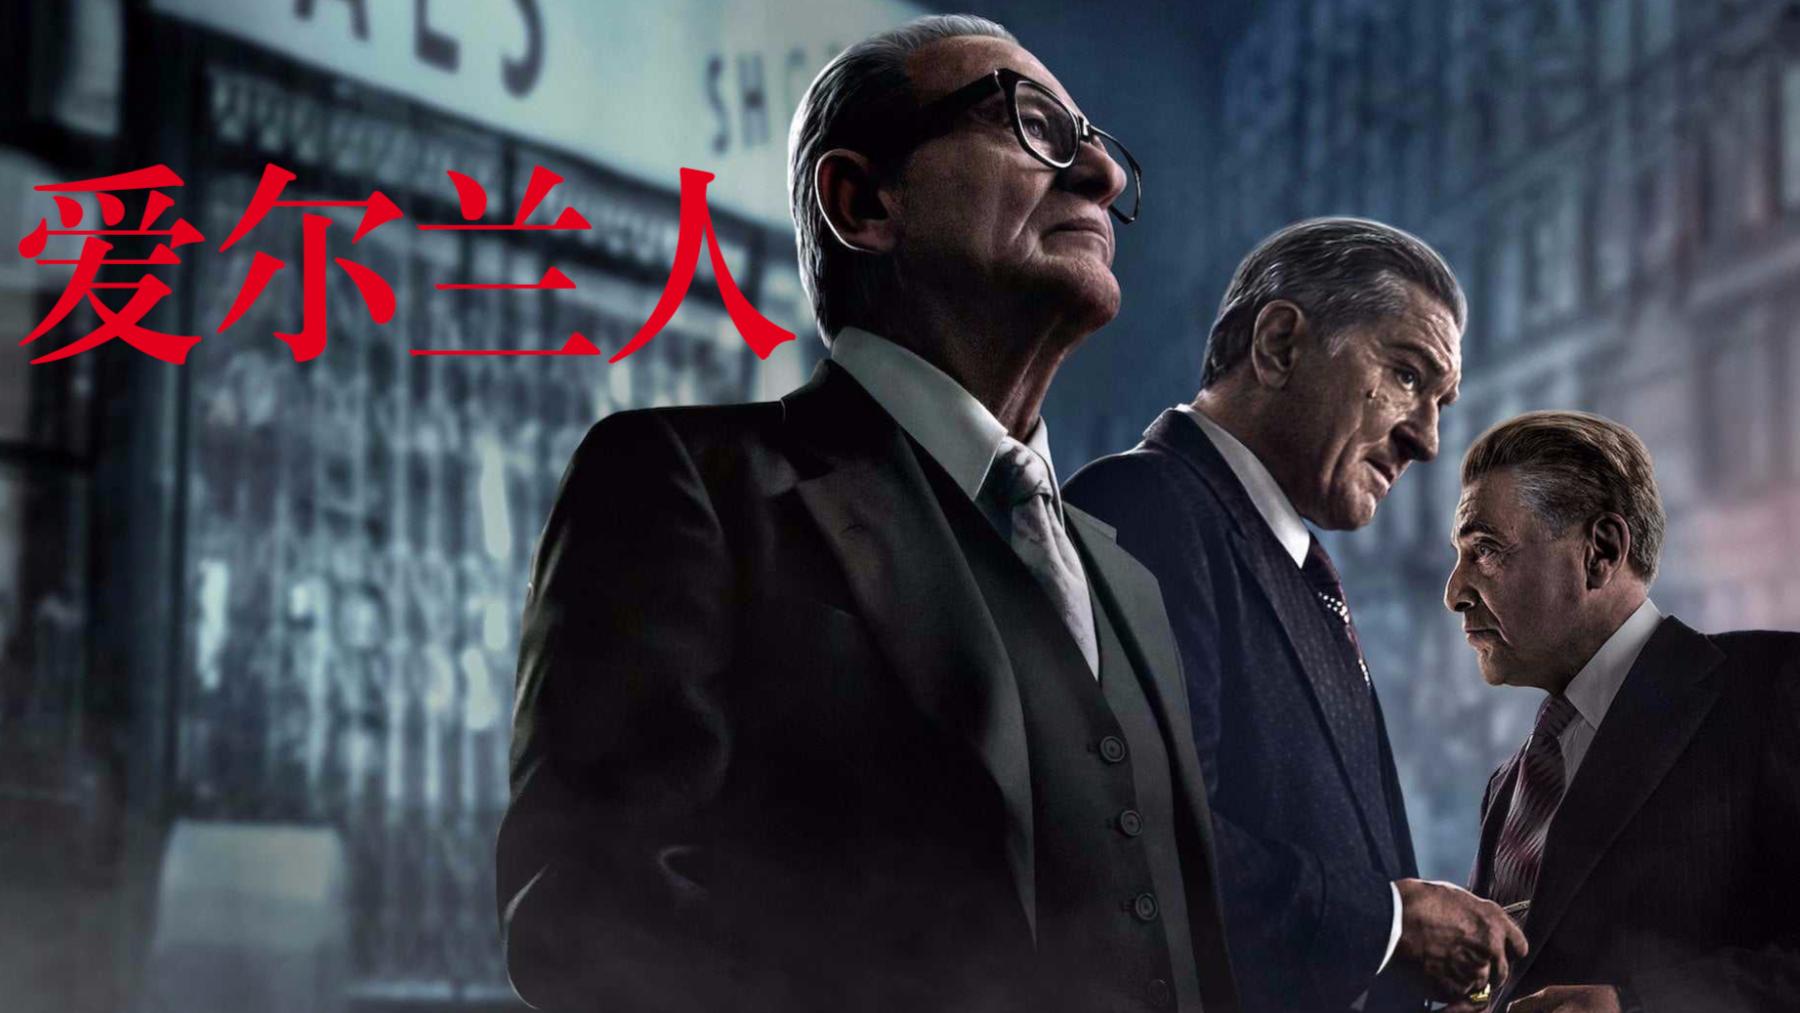 【左右手】豆瓣 8.8/ 史诗级别的黑帮犯罪电影,这样的演员组合不会再有/ 经典黑帮电影的谢幕之作